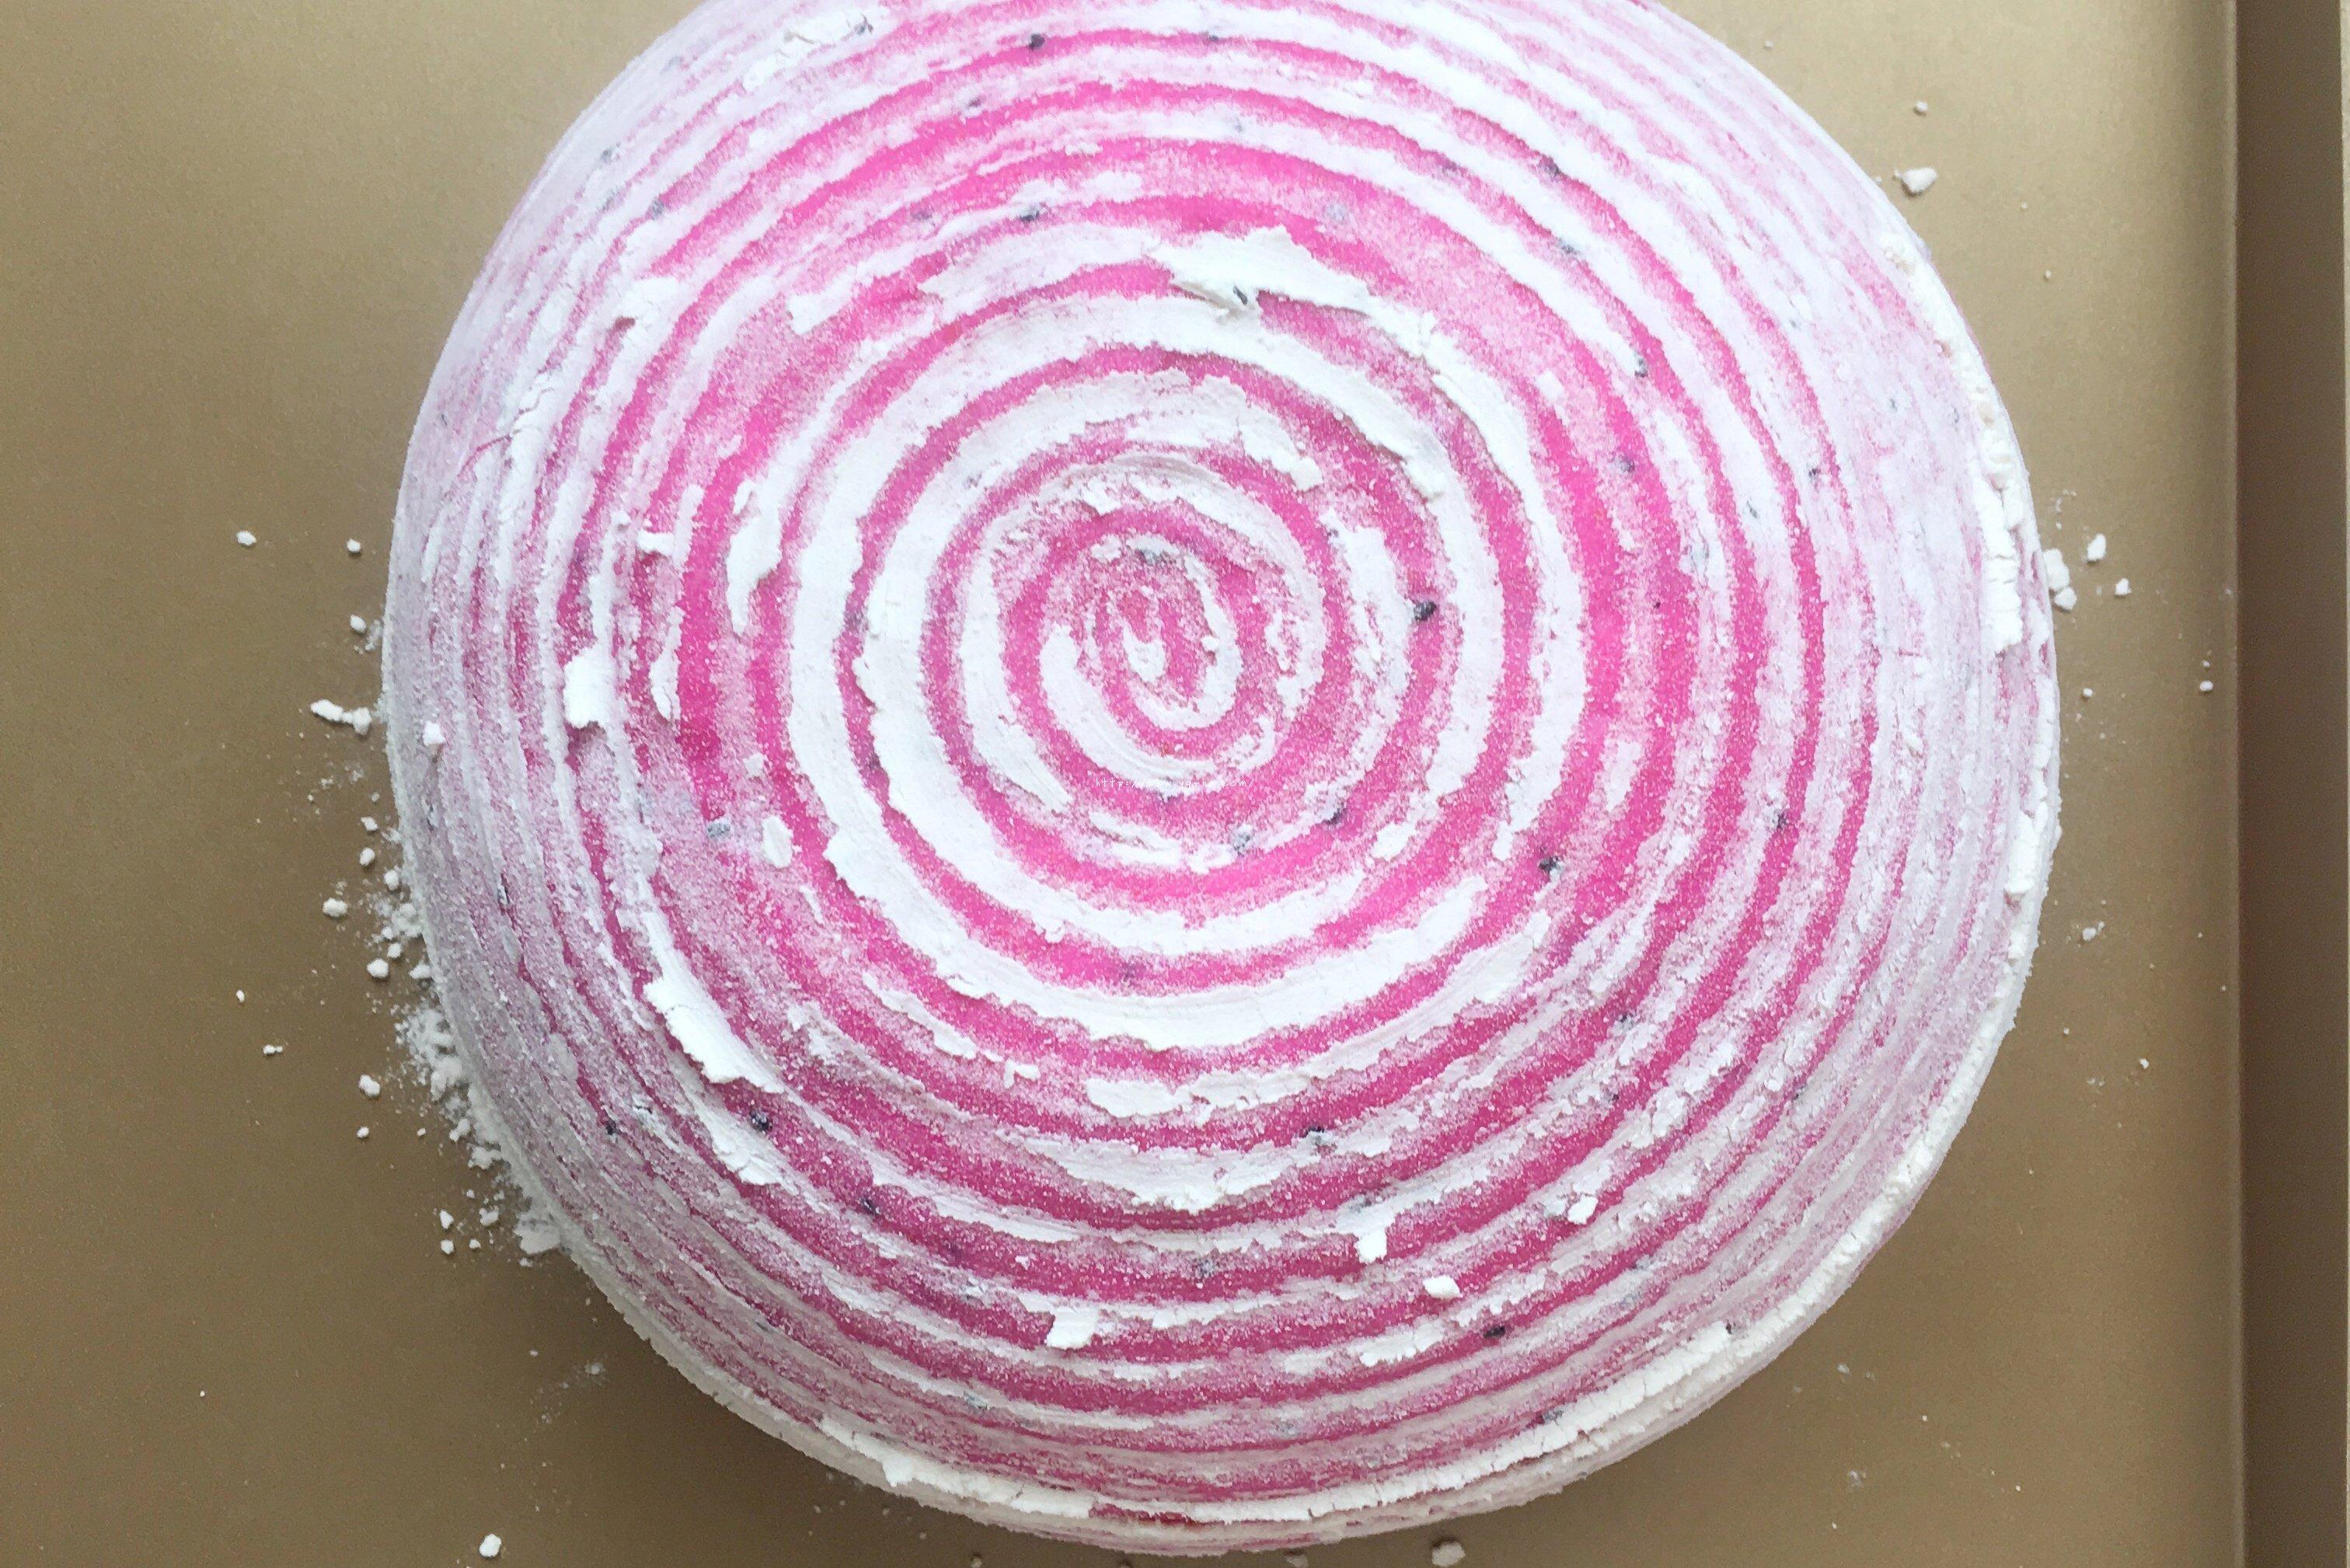 火龙果全麦坚果面包的做法 步骤12